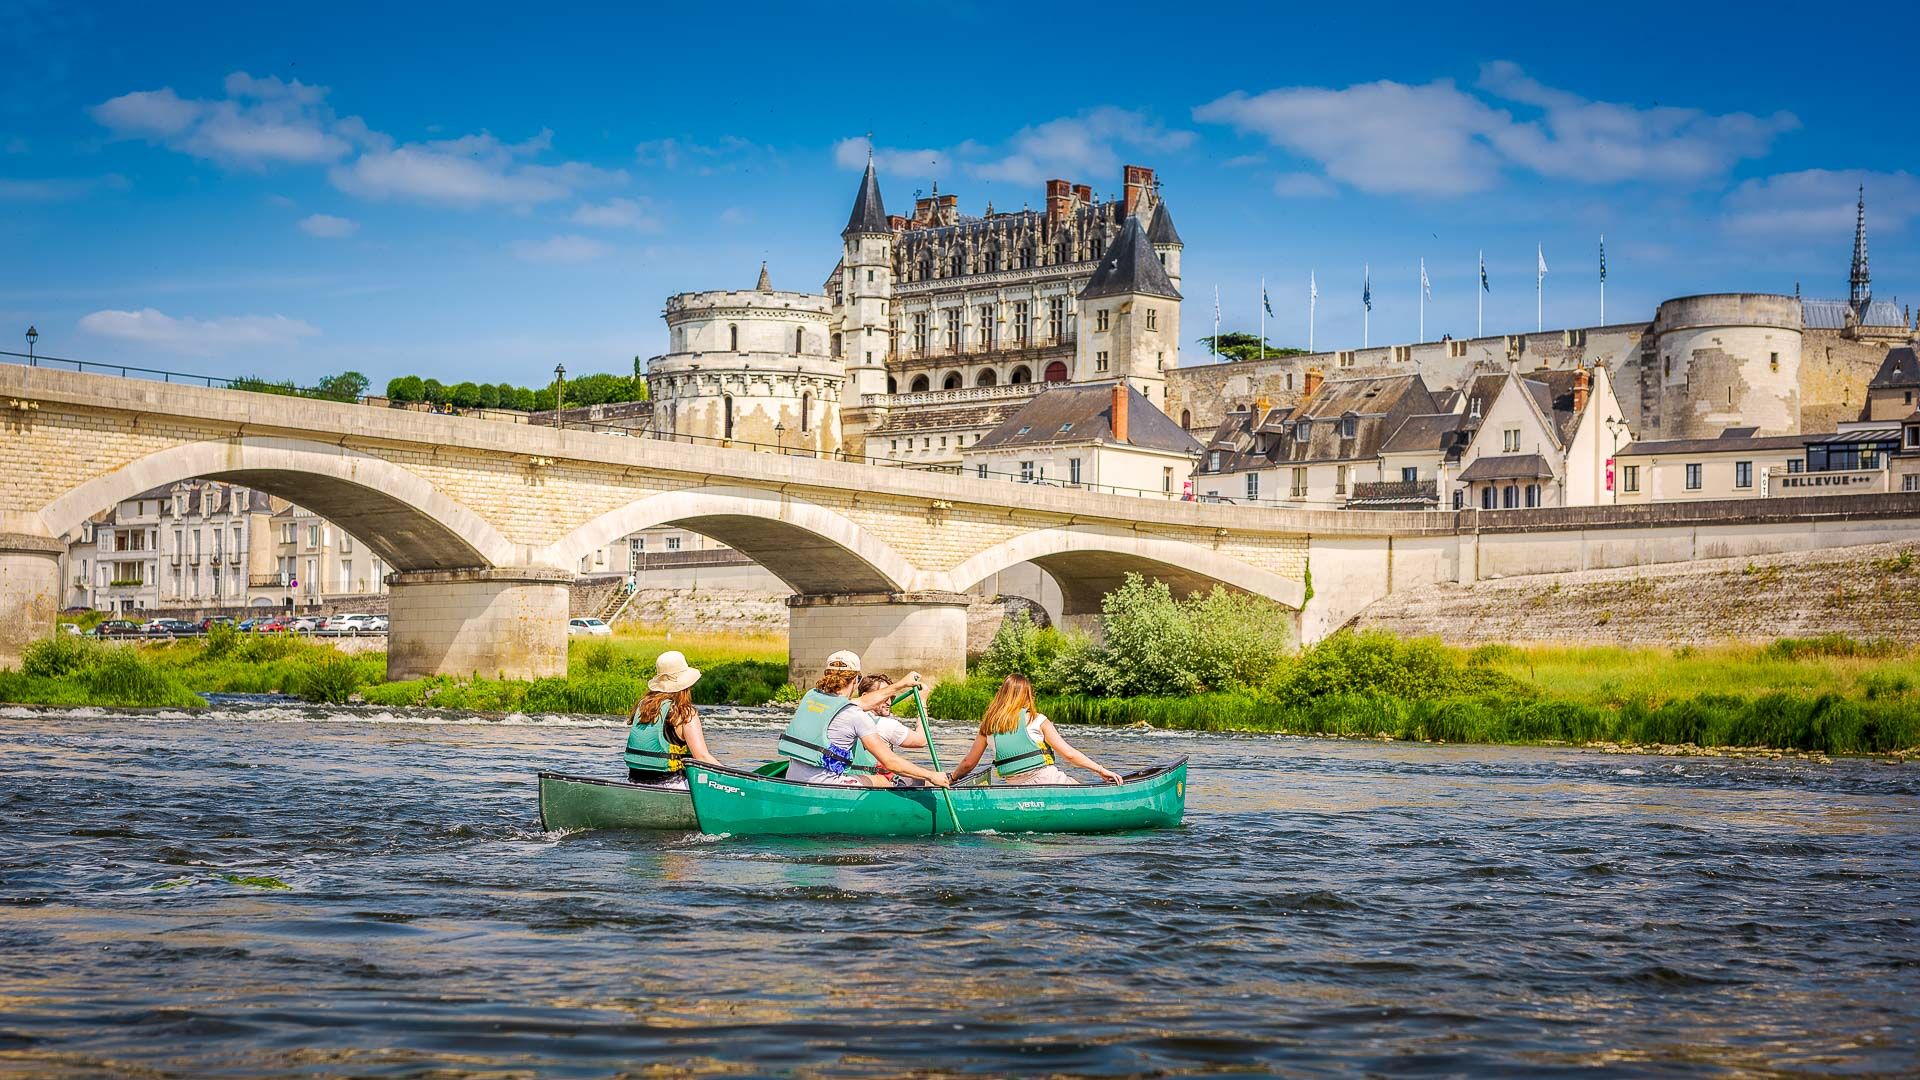 Canoë sur la Loire devant le château royal d'Amboise